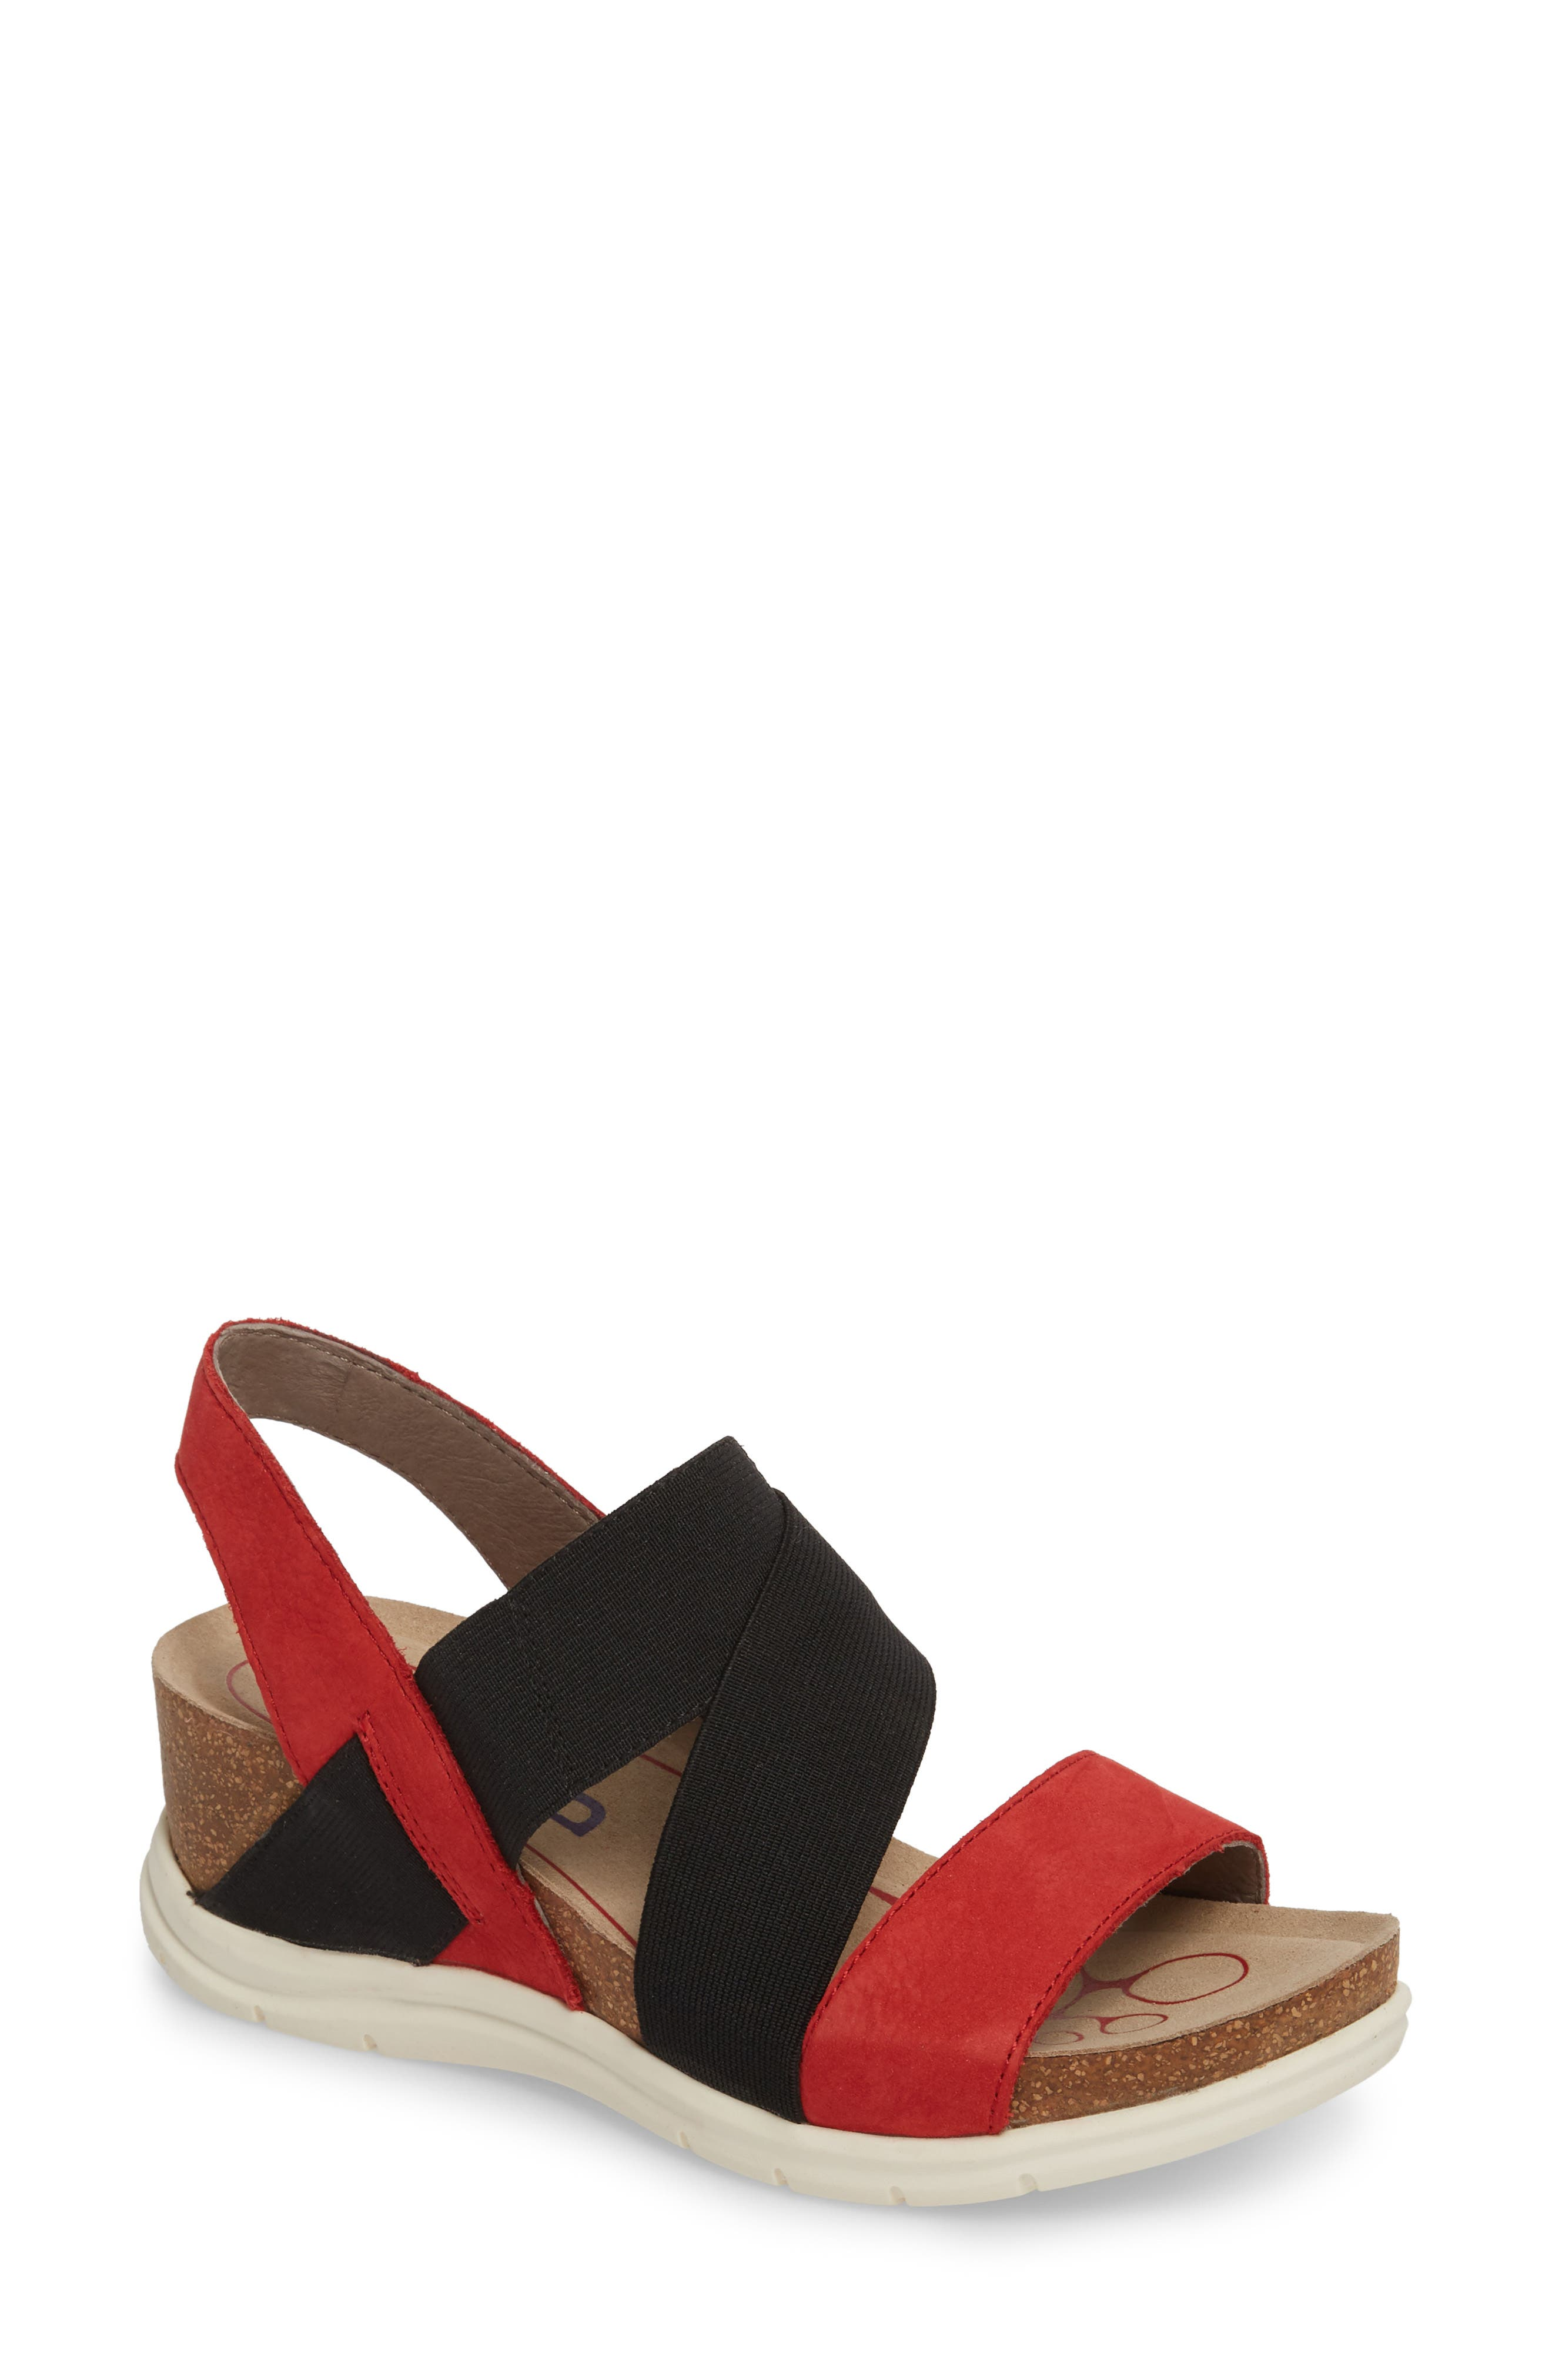 Paisley Wedge Sandal,                             Main thumbnail 4, color,